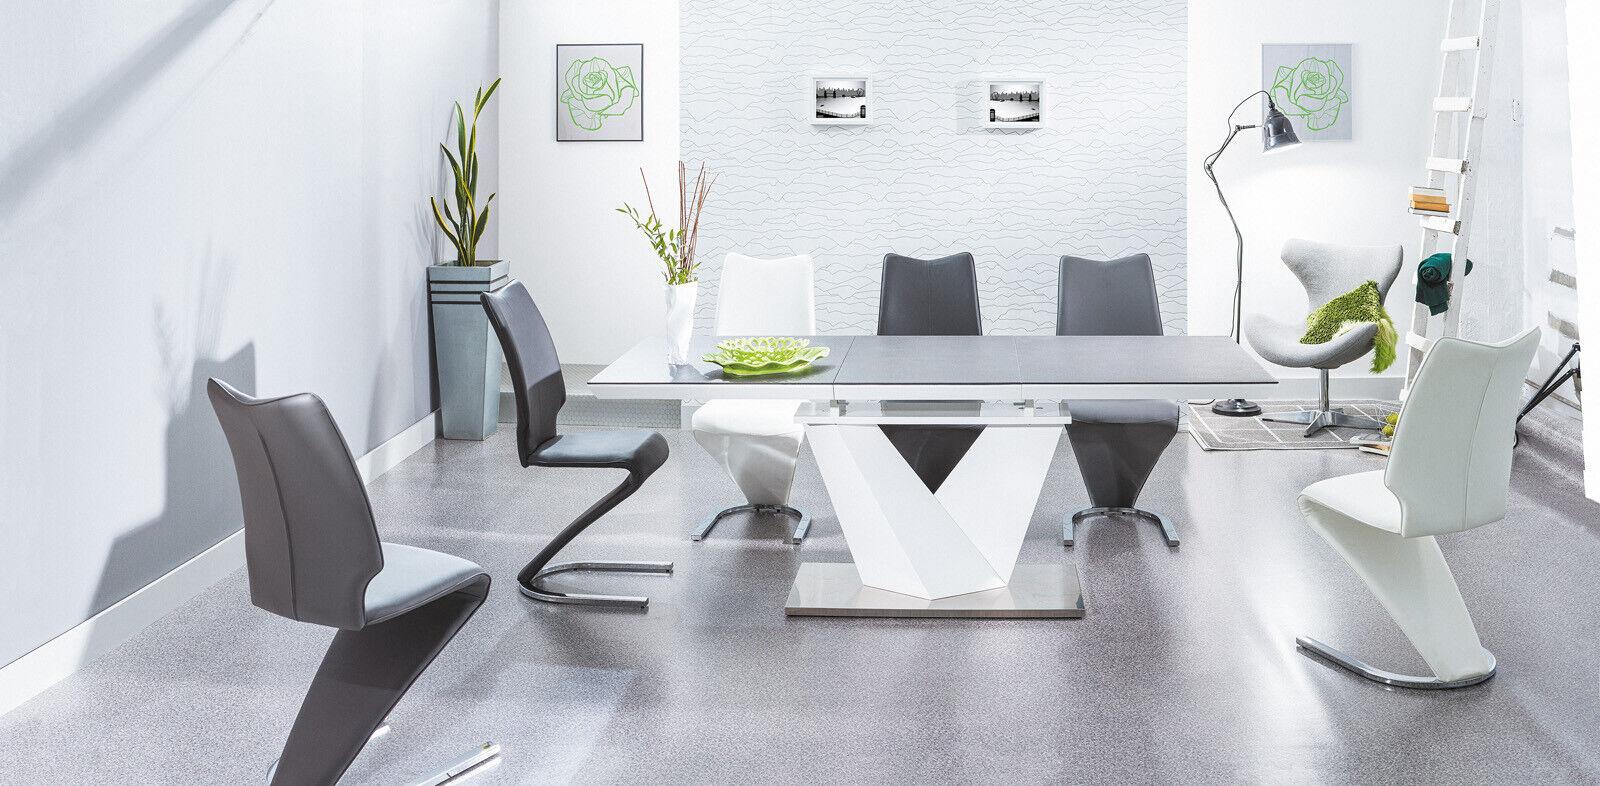 Esstisch Tisch Designertisch LUXOR ONE Tischplatte Esszimmer